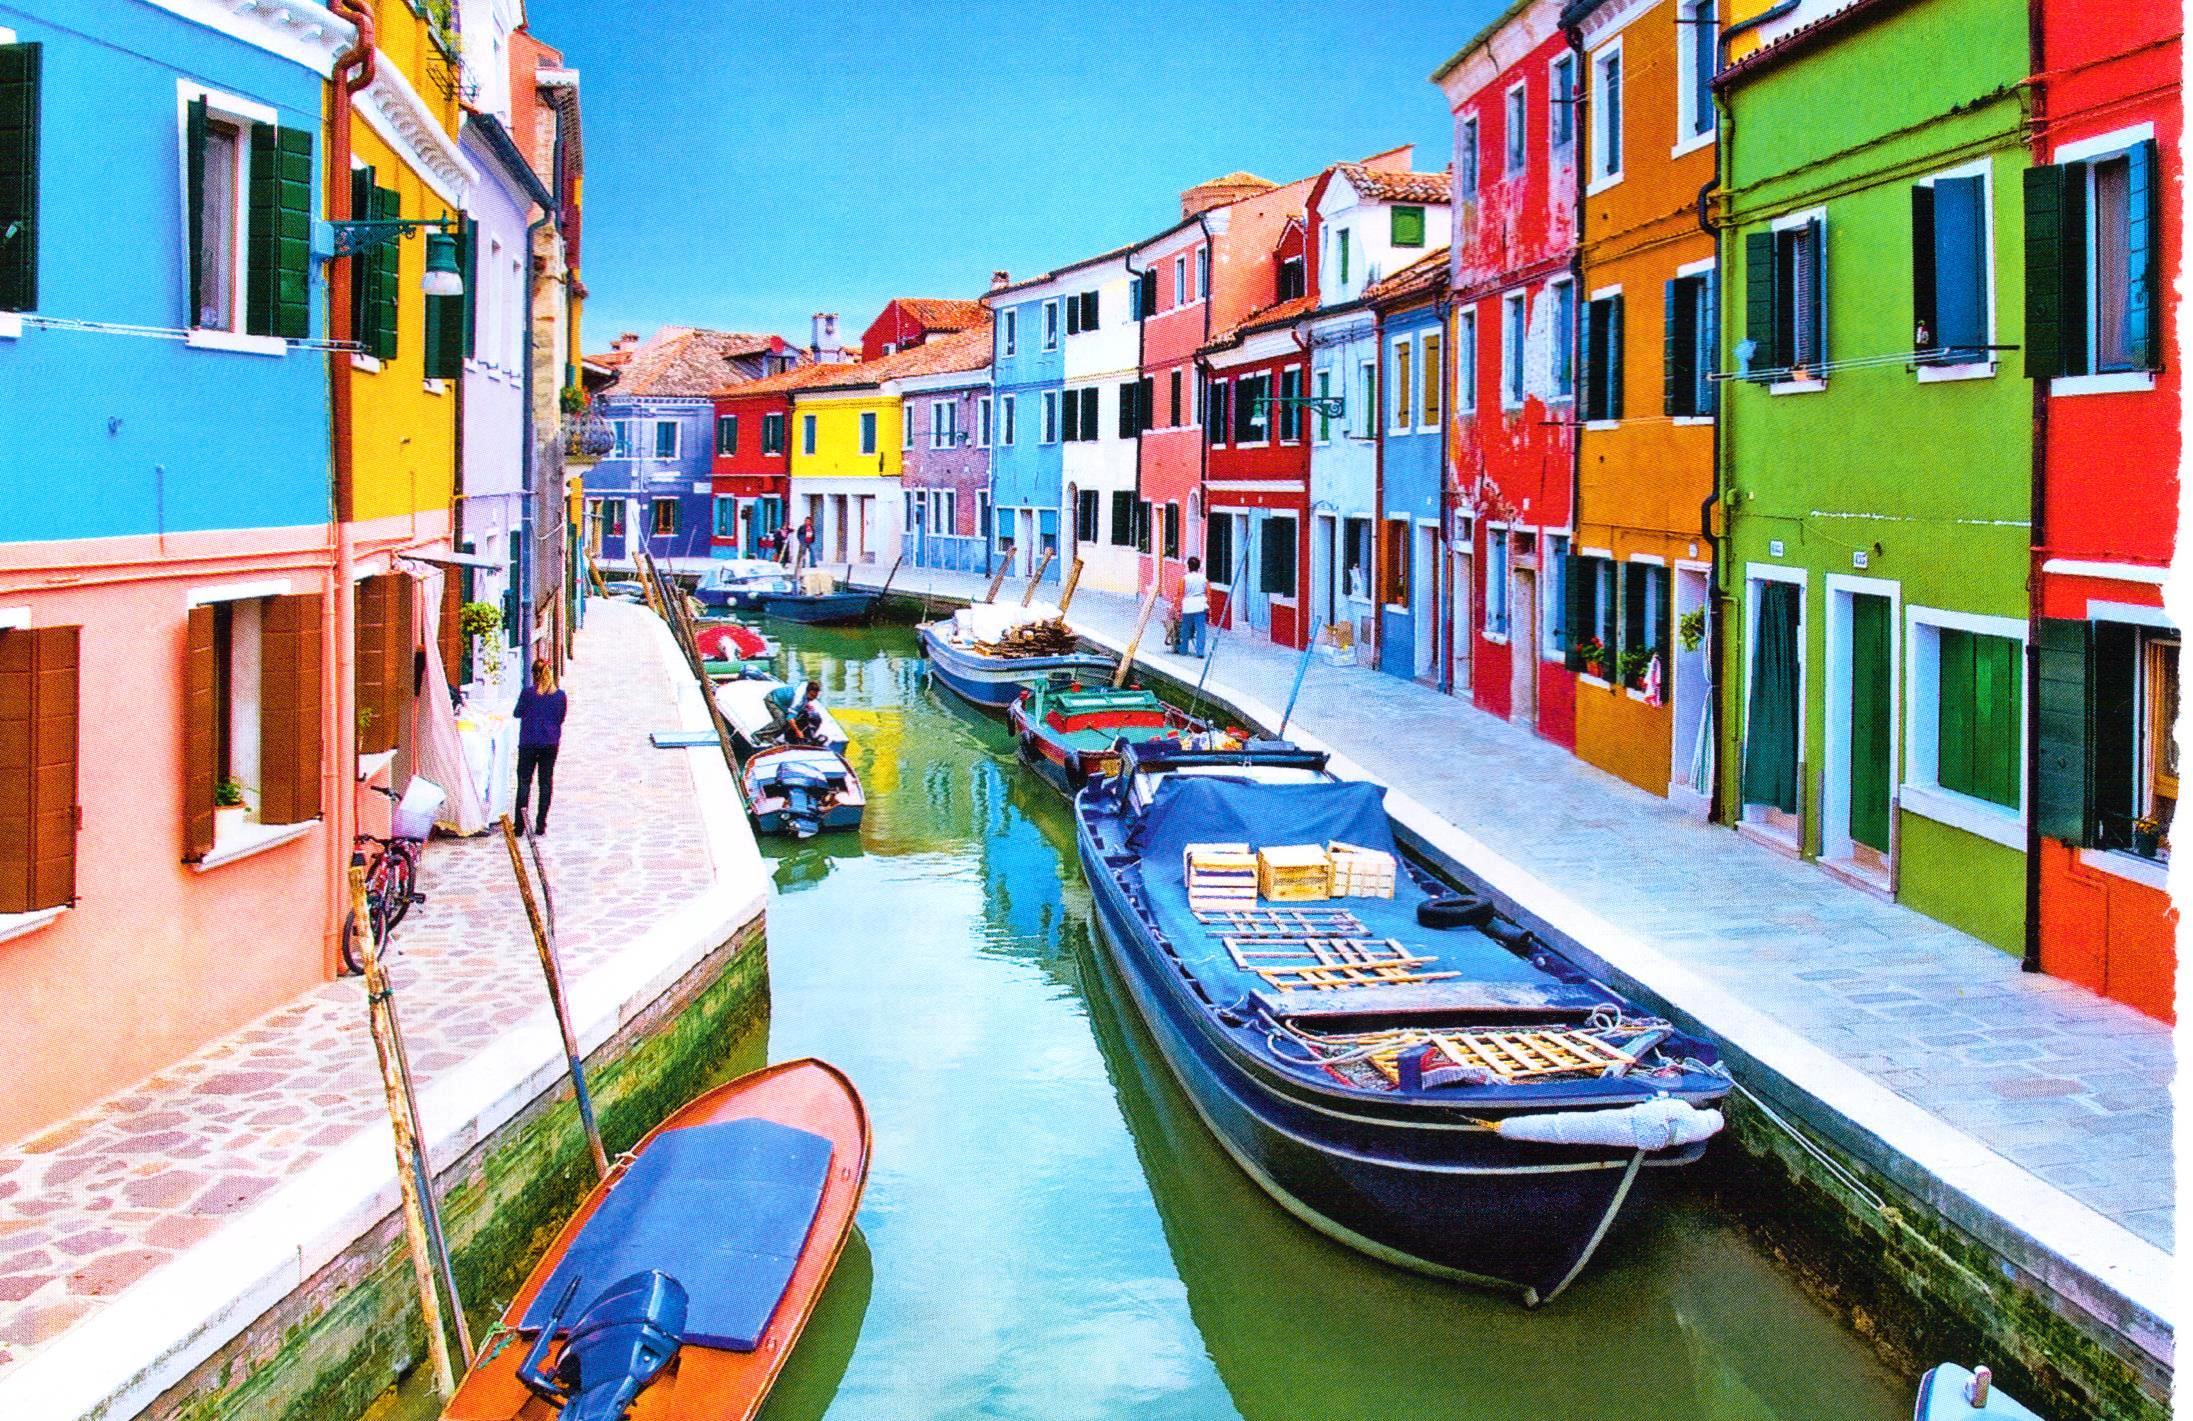 水の都を訪れる際には絶対寄りたい!カラフルでかわいすぎる「ベニスのブラーノ島」